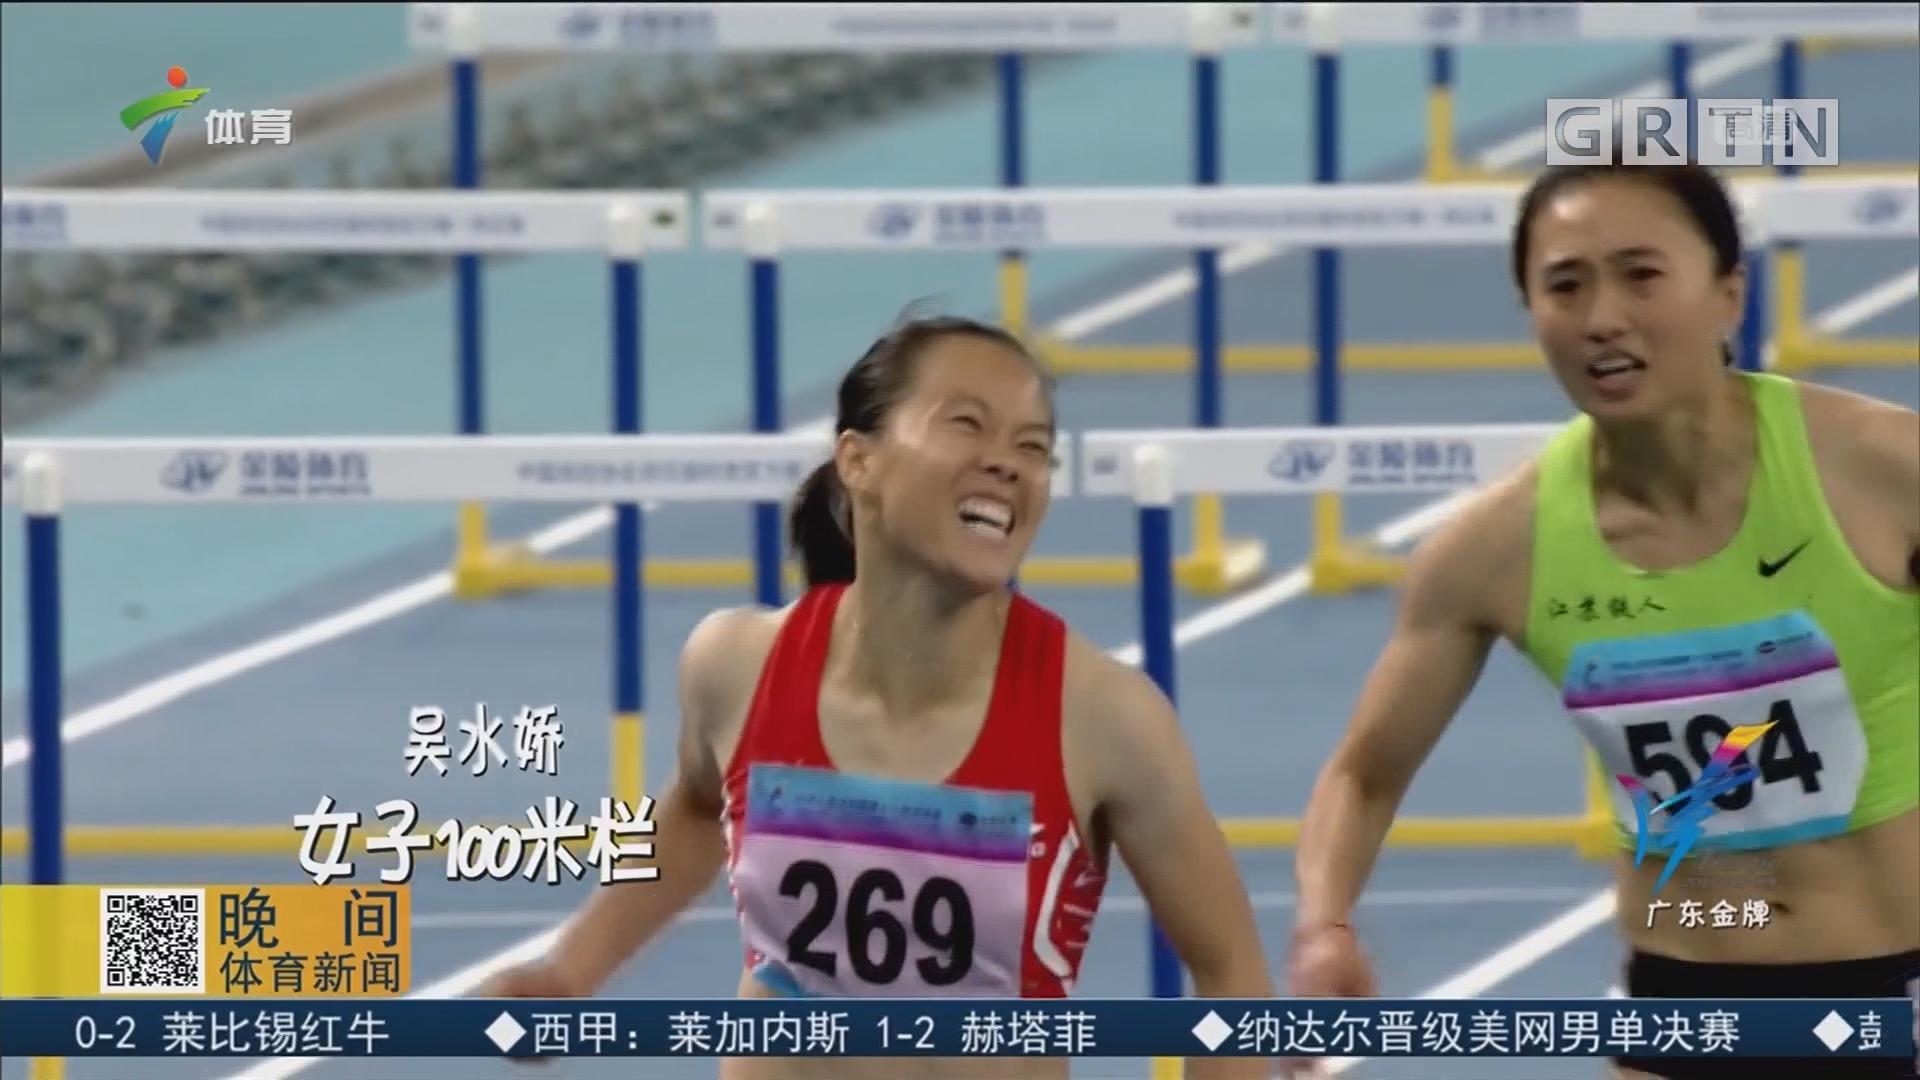 全运赛场 竞技体育在泪水中升华